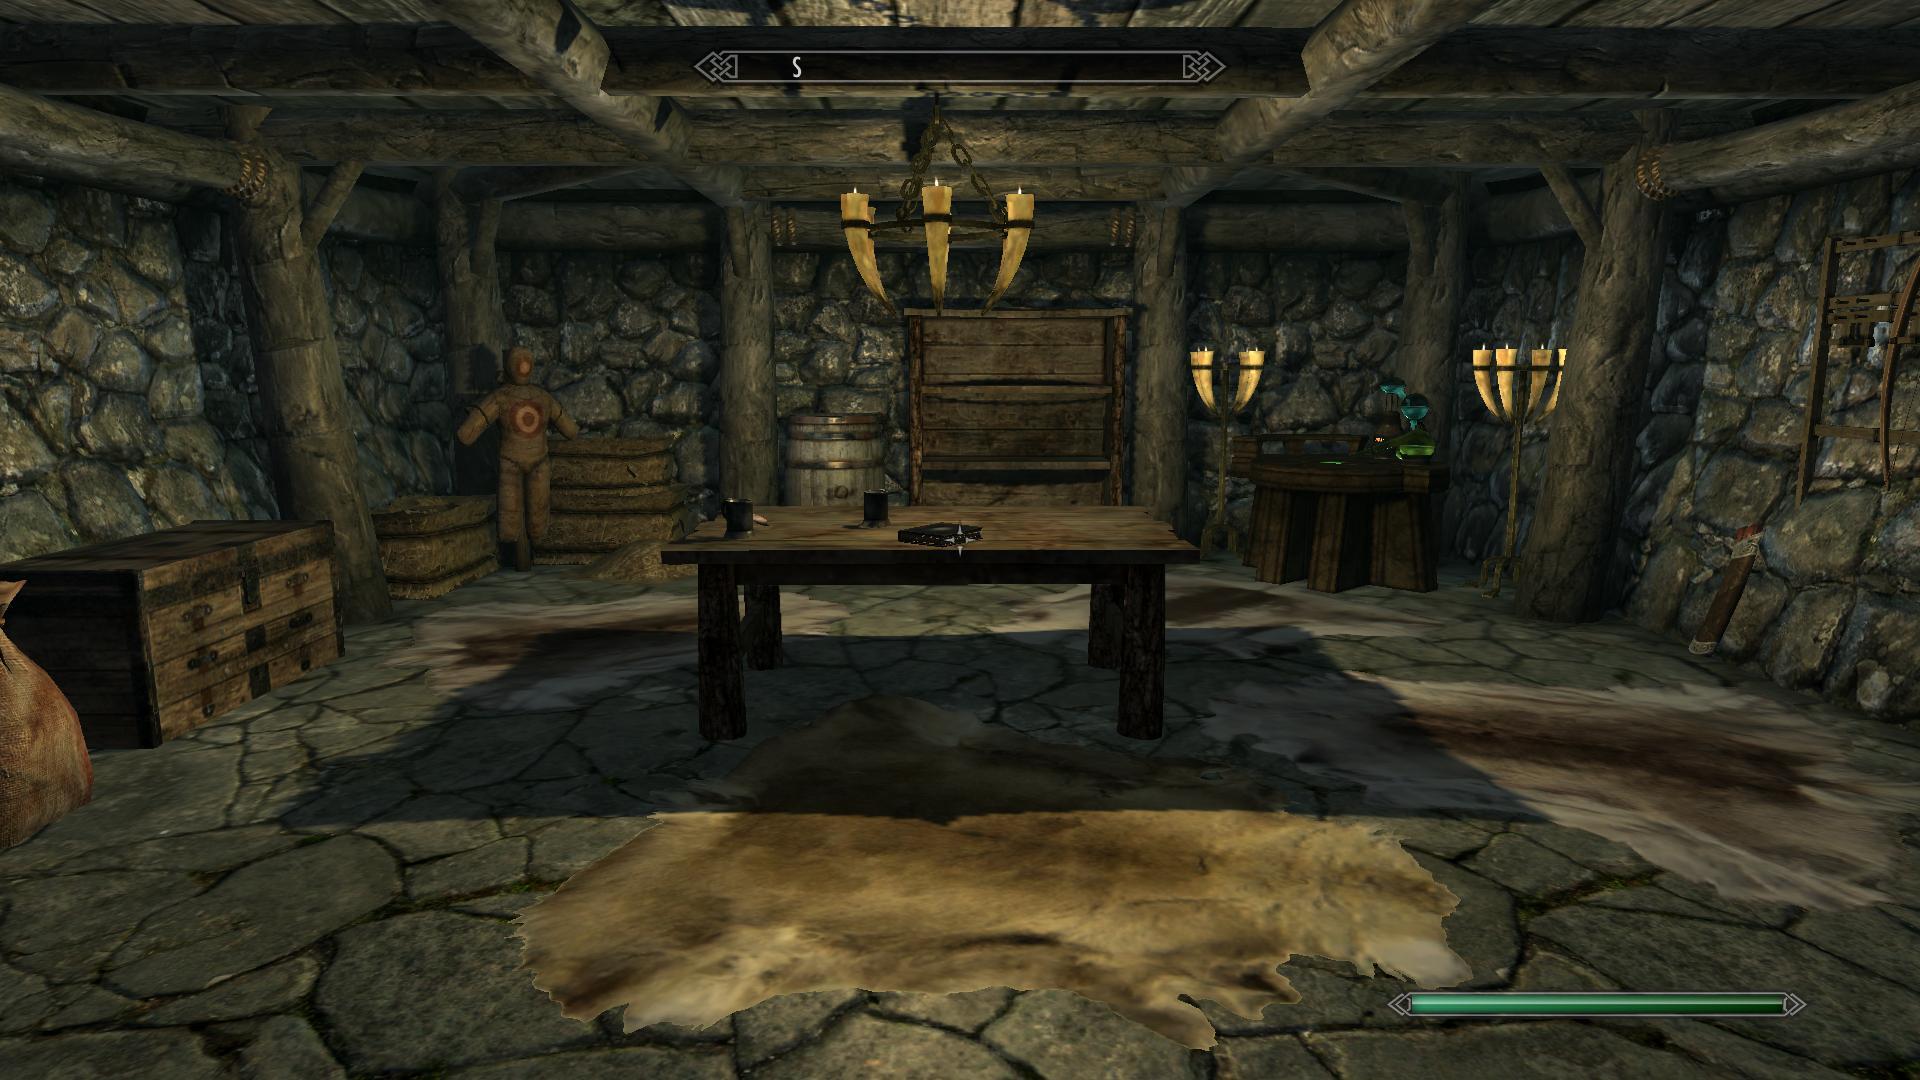 Delphine's Secret Room